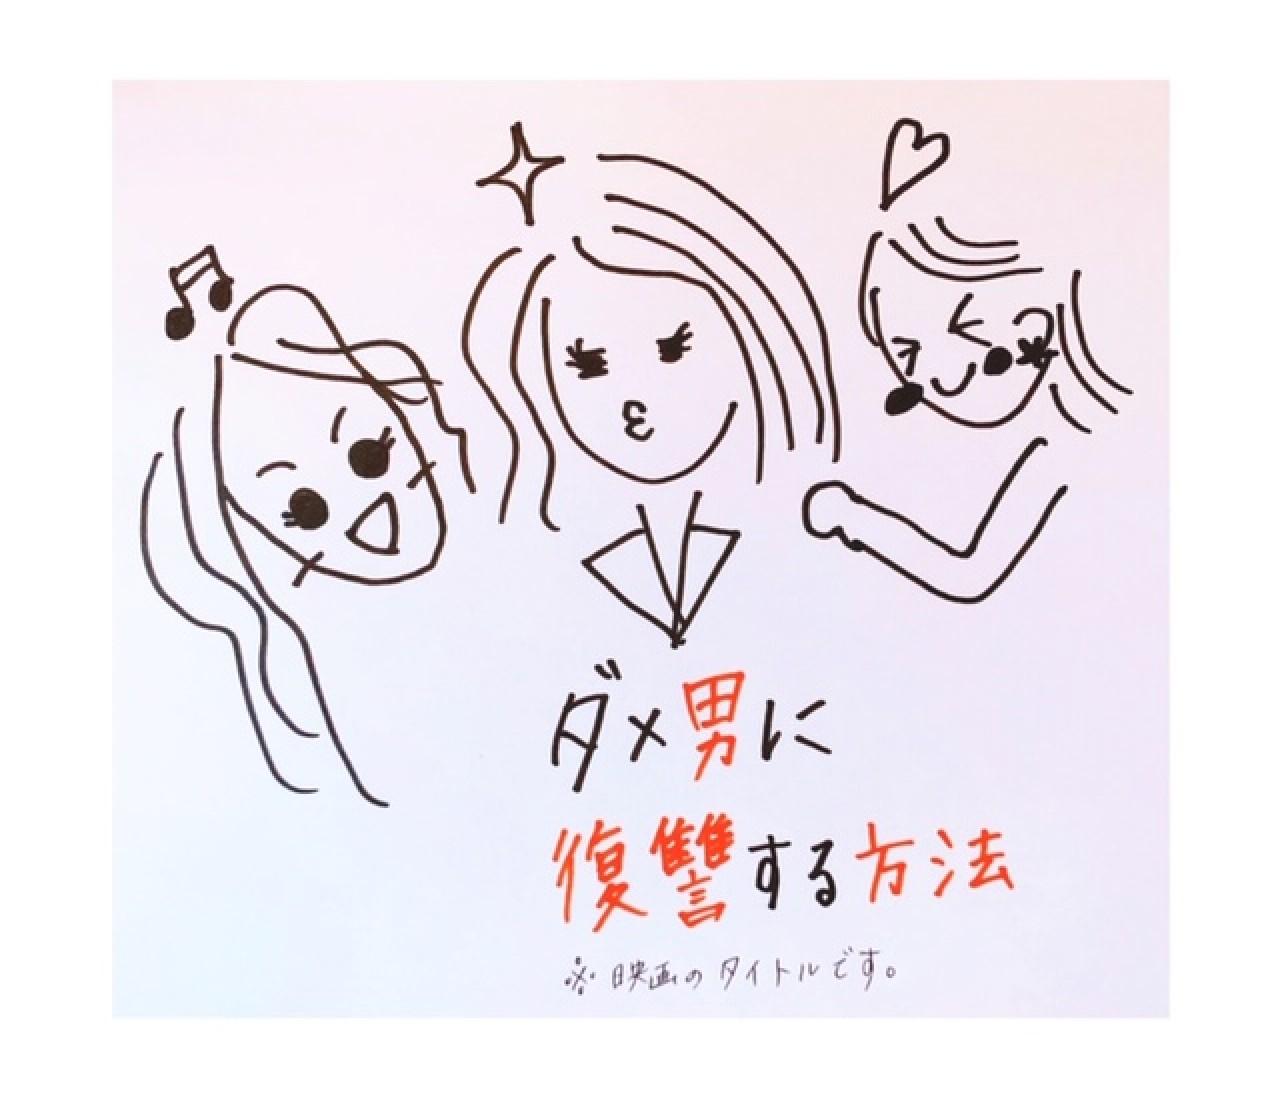 #おうち時間【家事中に気楽に流し見できるオススメ映画集】